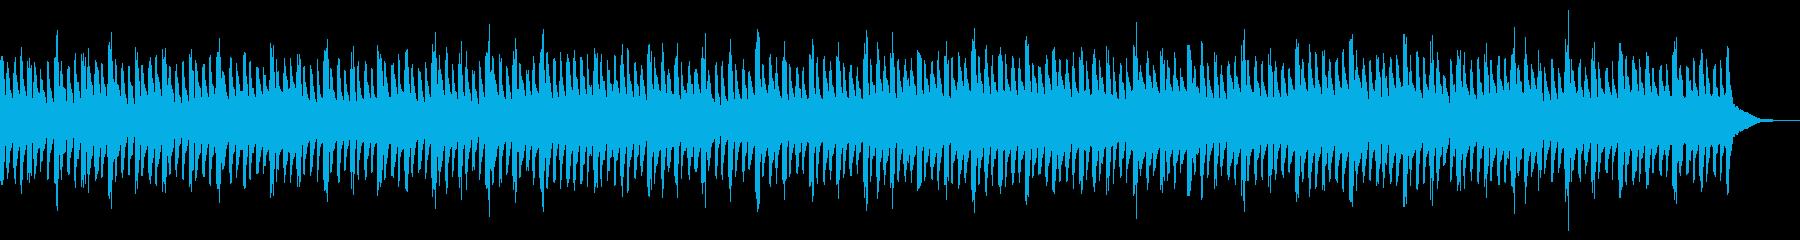 優しい・アロマ・マッサージ・ヨガの再生済みの波形